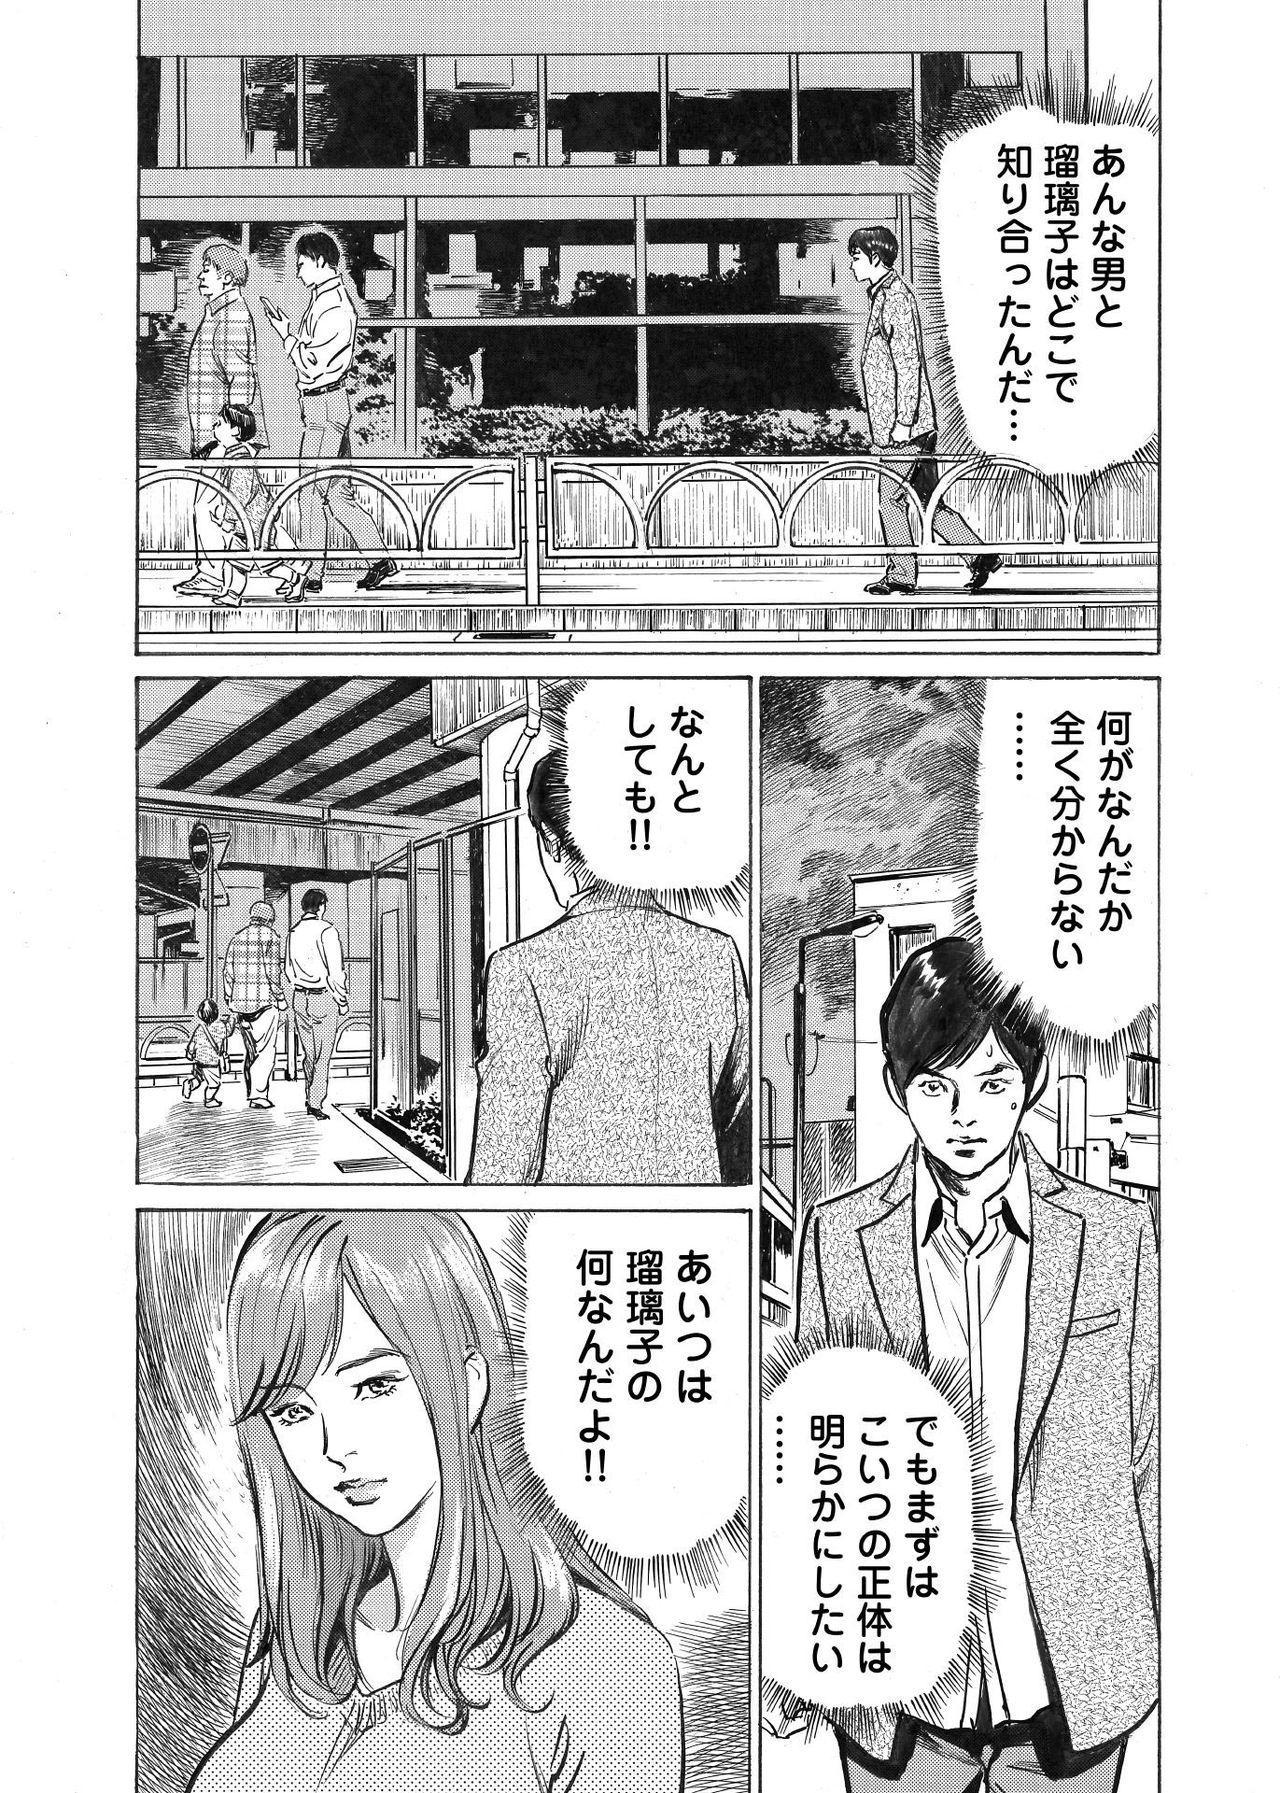 Ore wa Tsuma no Koto o Yoku Shiranai 1-9 42